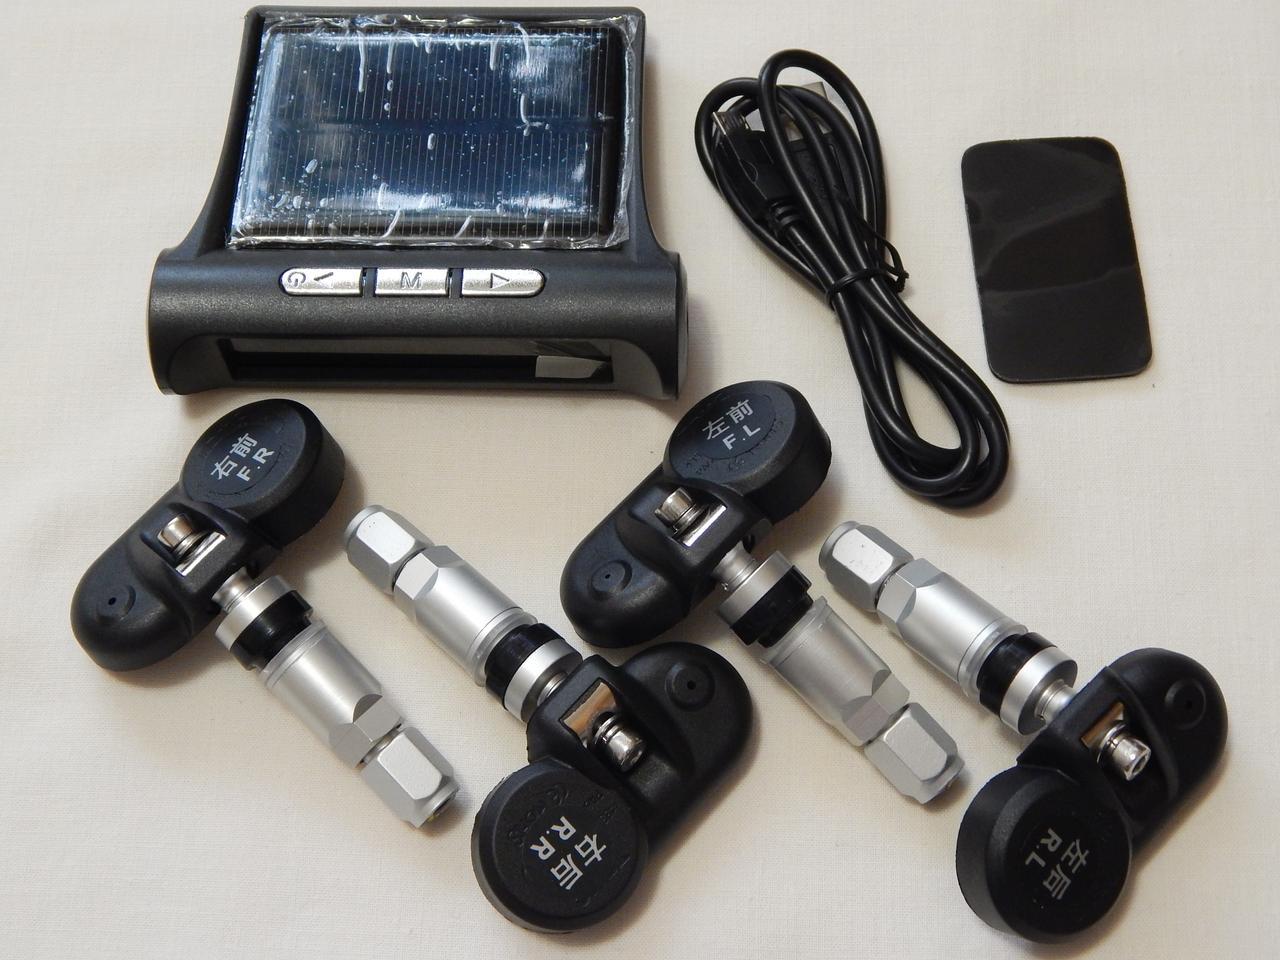 Система контролю тиску в шинах ZIRY TPMS 4-и колеса, внутрішні датчики